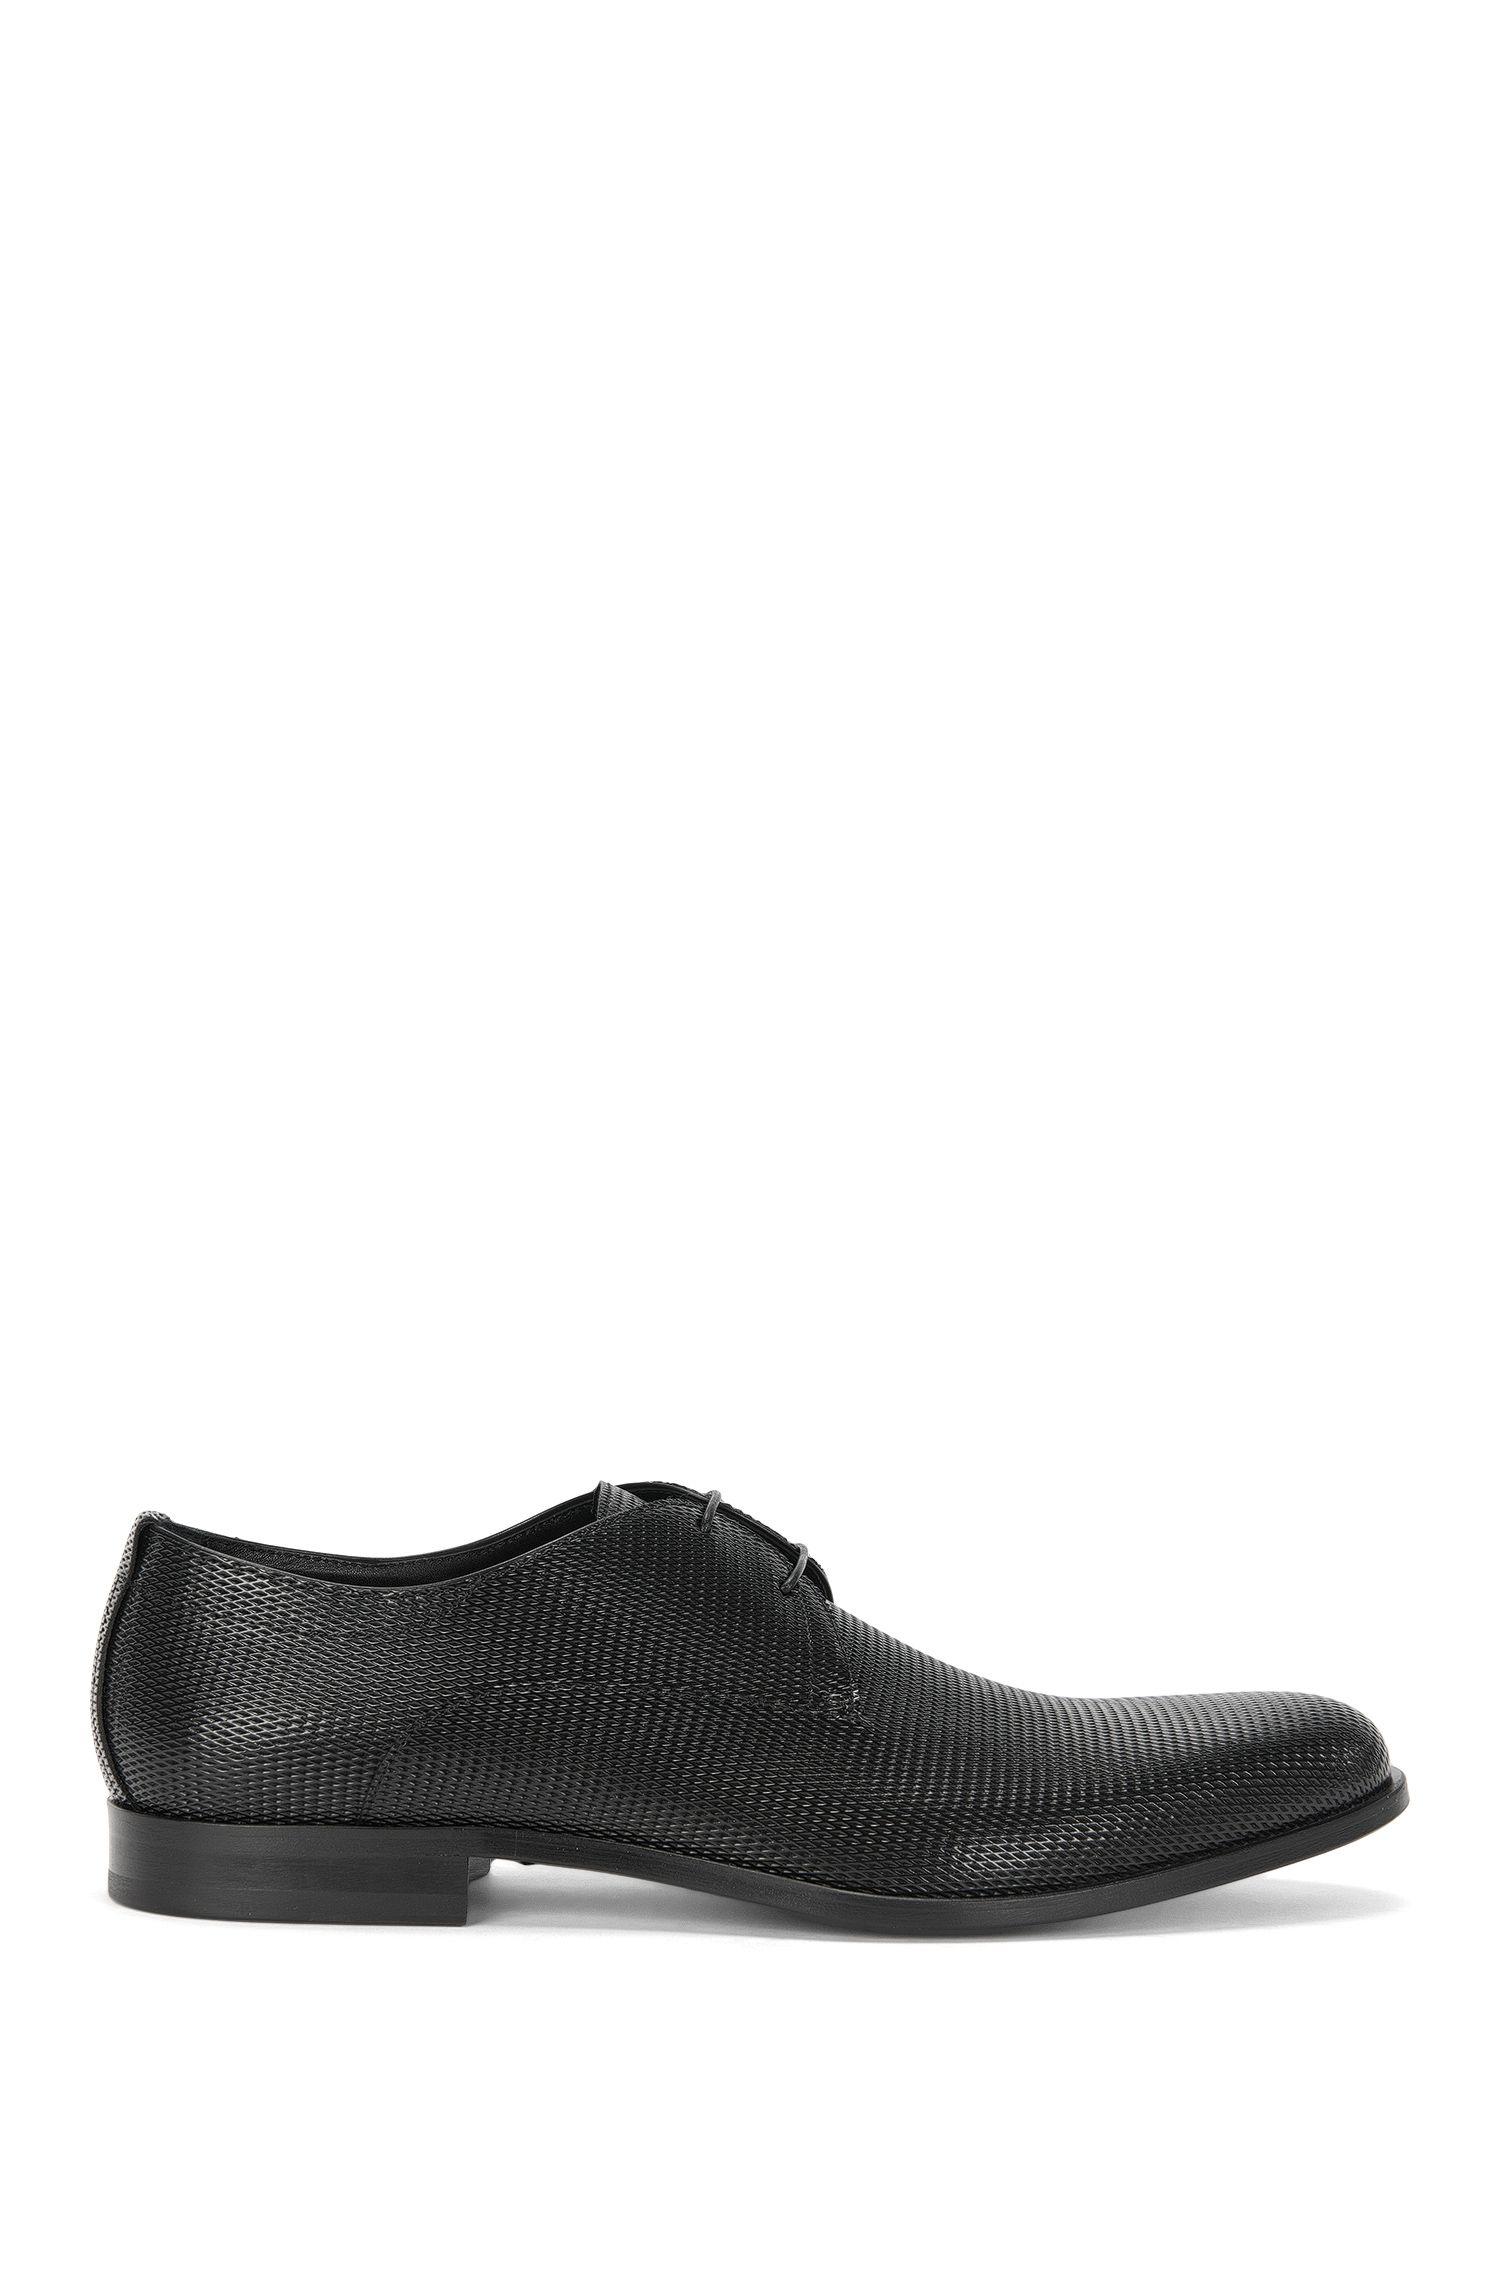 Zapatos de cordón en piel con textura: 'Sigma_Derb_pr'